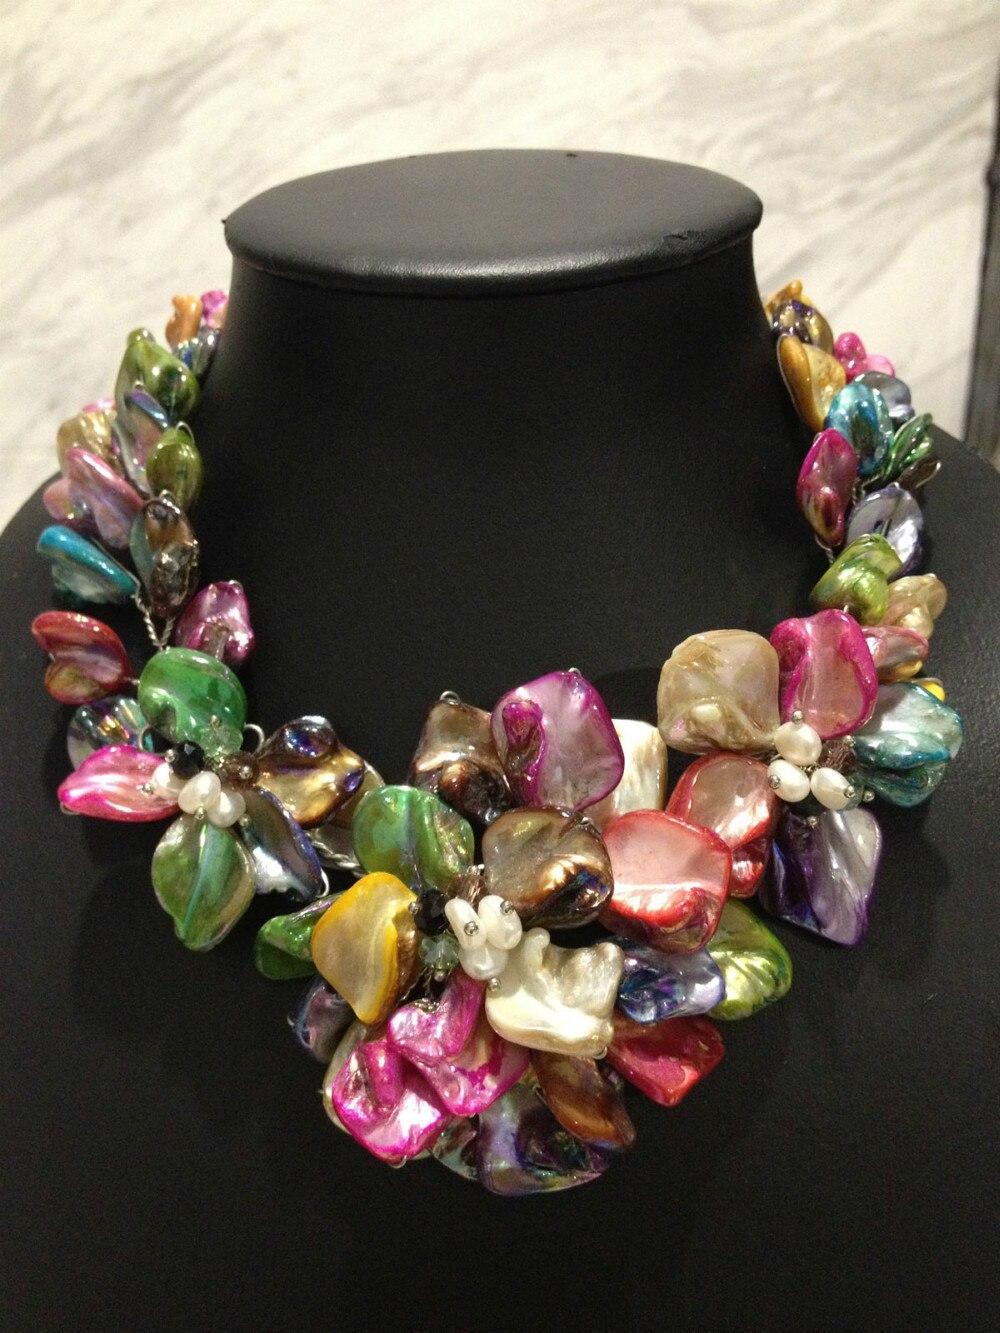 Collier de fleurs en coquillage naturel fait à la main bohême femmes bijoux livraison gratuite